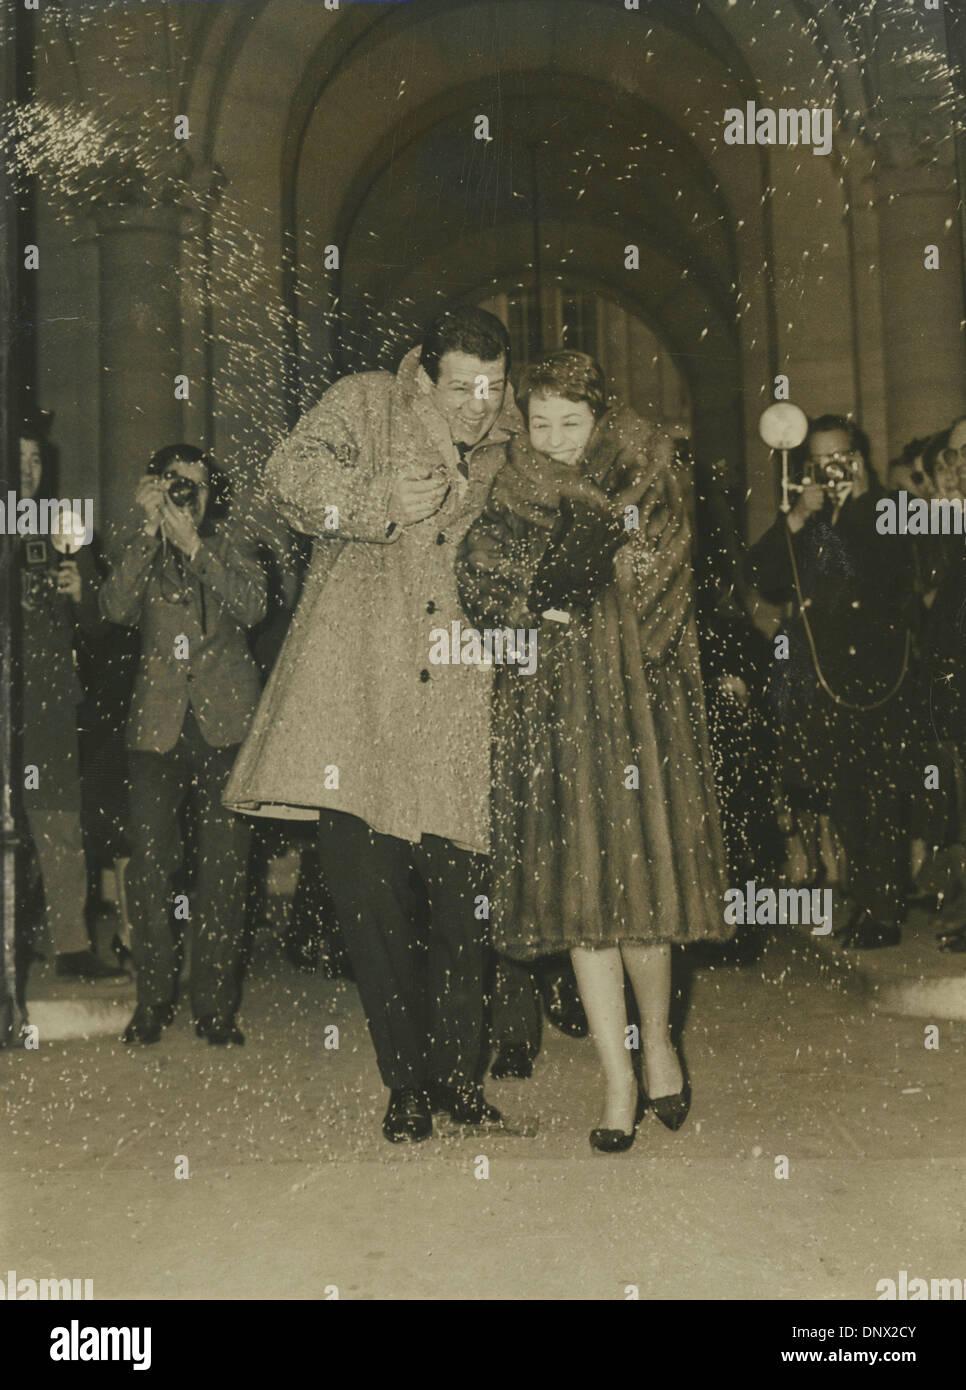 Jan 06, 1962 - Rome, Italie - RENATO SALVATORI et sa nouvelle épouse Annie Girardot laisser de ville tandis que le riz blanc sont jetée en l'air. (Crédit Image: © Keystone Photos/ZUMAPRESS.com) Banque D'Images